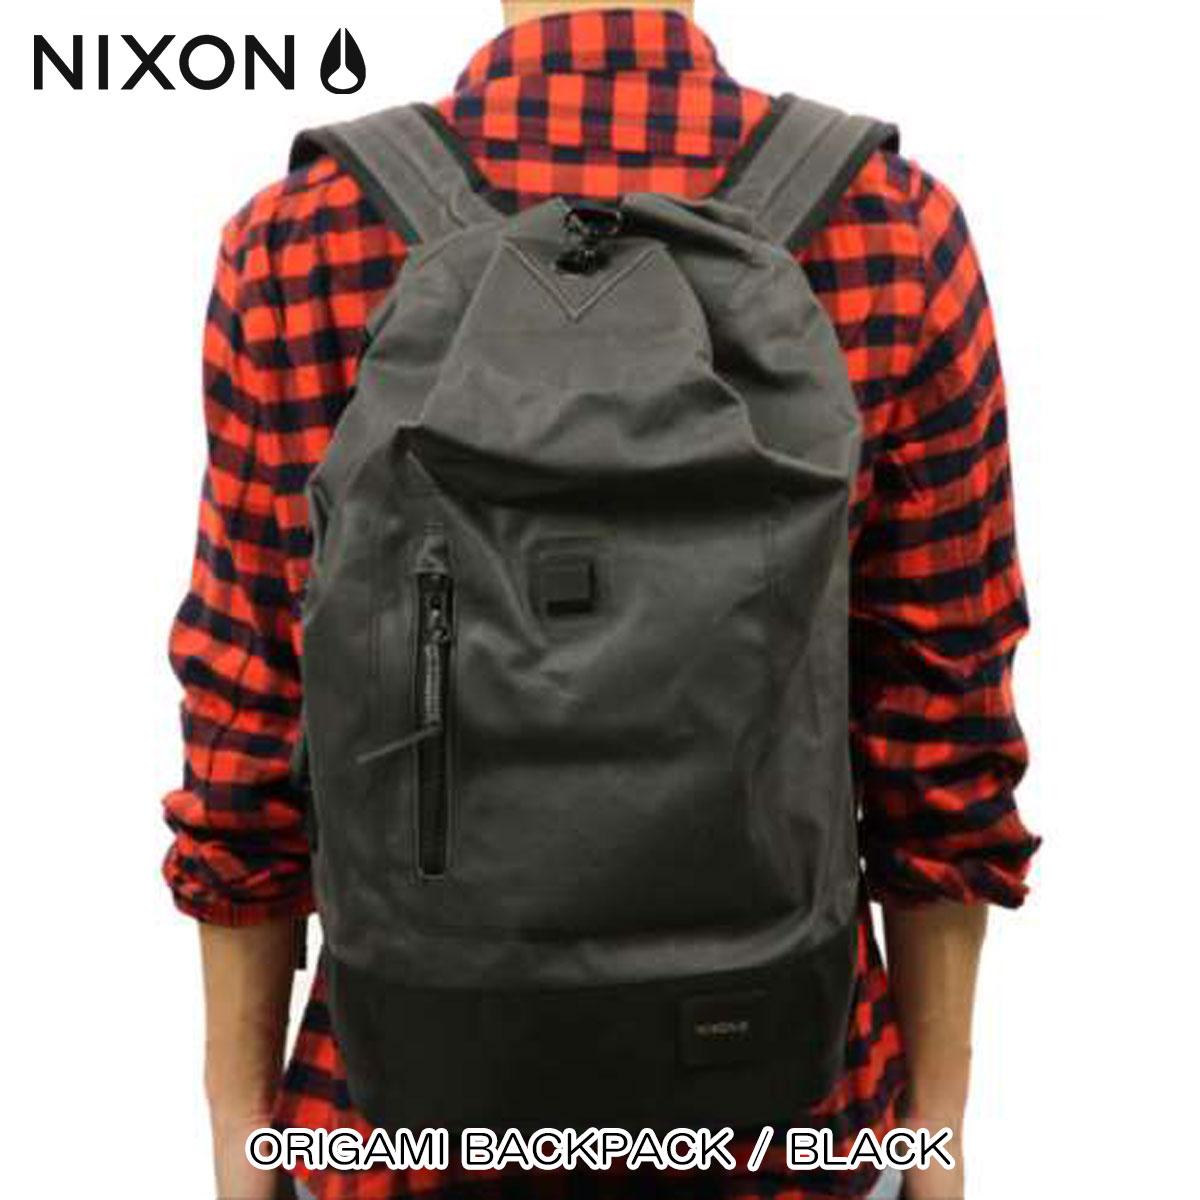 ニクソン NIXON 正規販売店 バッグ Origami Backpack BLACK NC2184000-00 D00S20